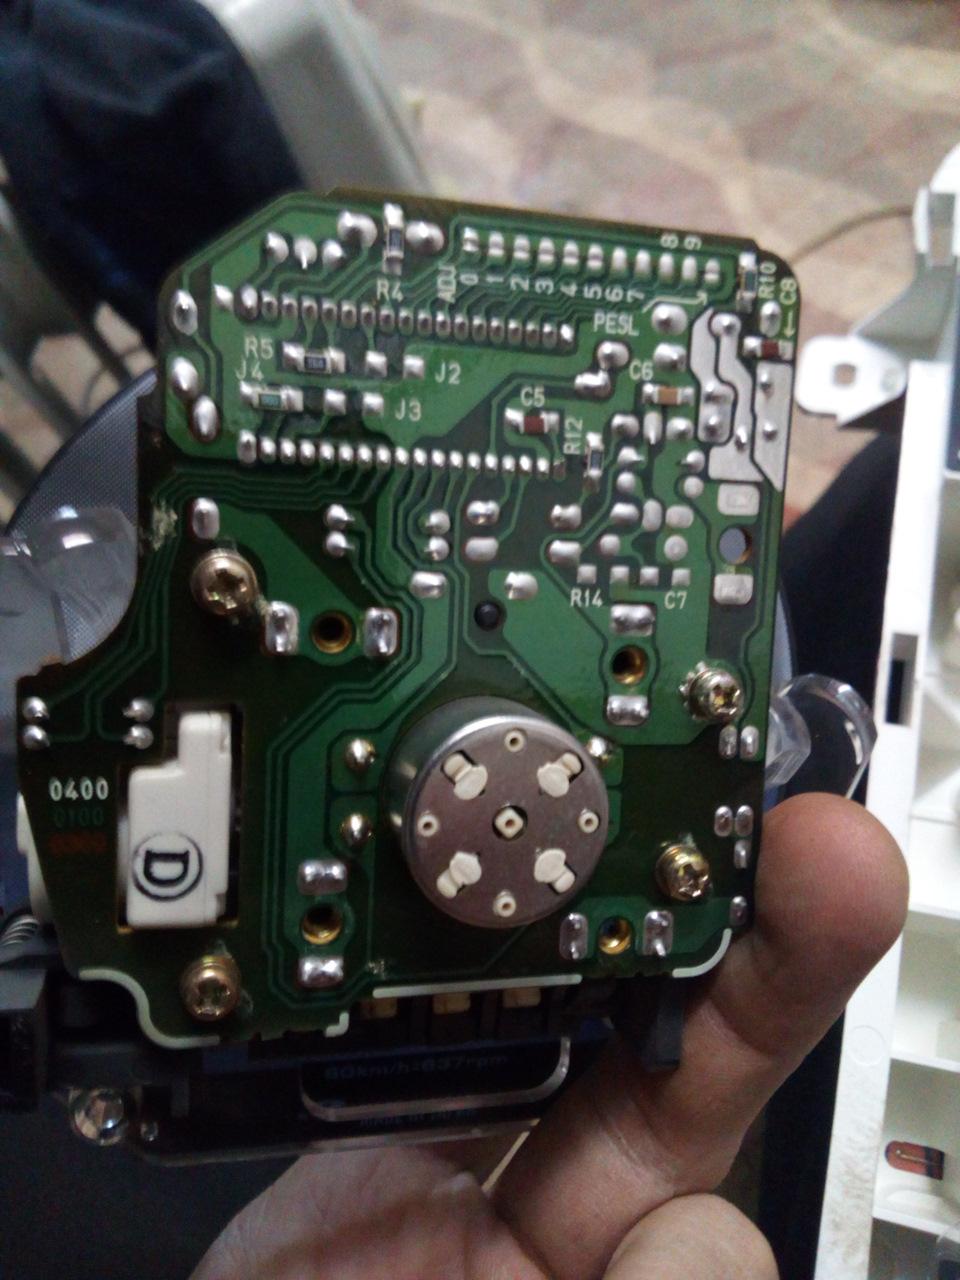 Re: плохо заводится cefiro a32 vq25 ну что-то гуру все пропали:.